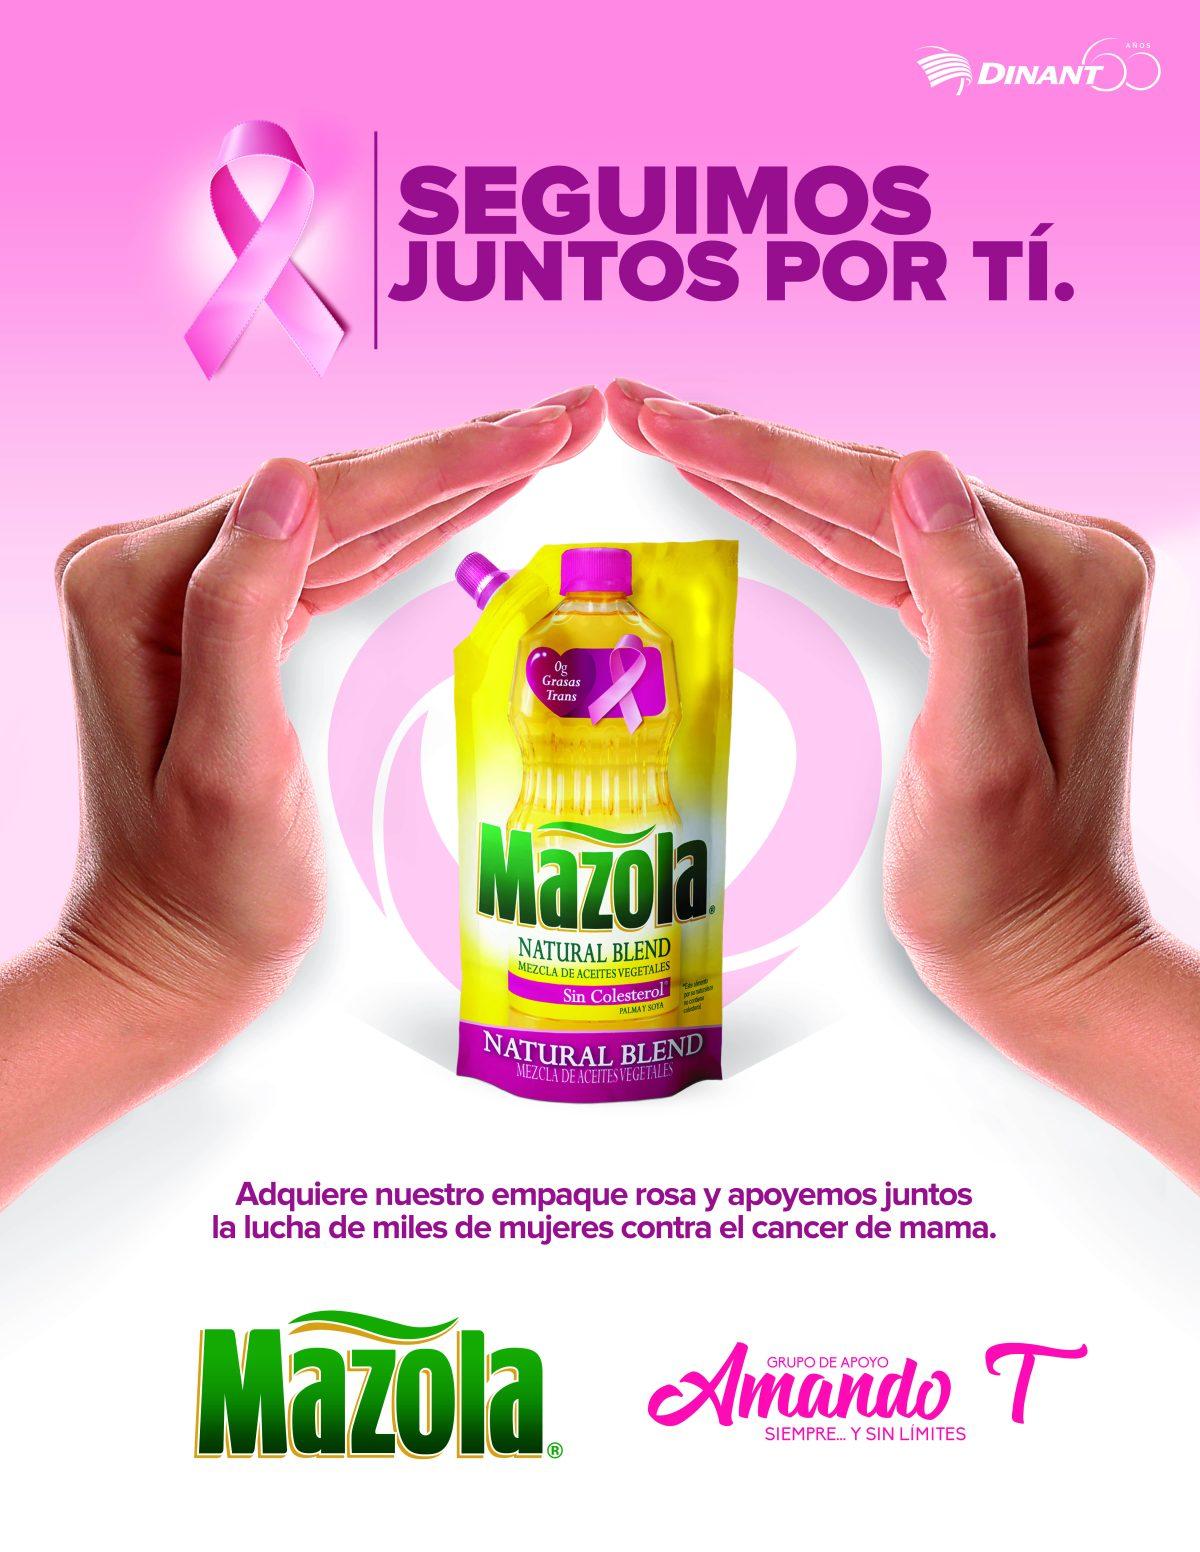 Se unen para seguir luchando contra el cáncer de mama